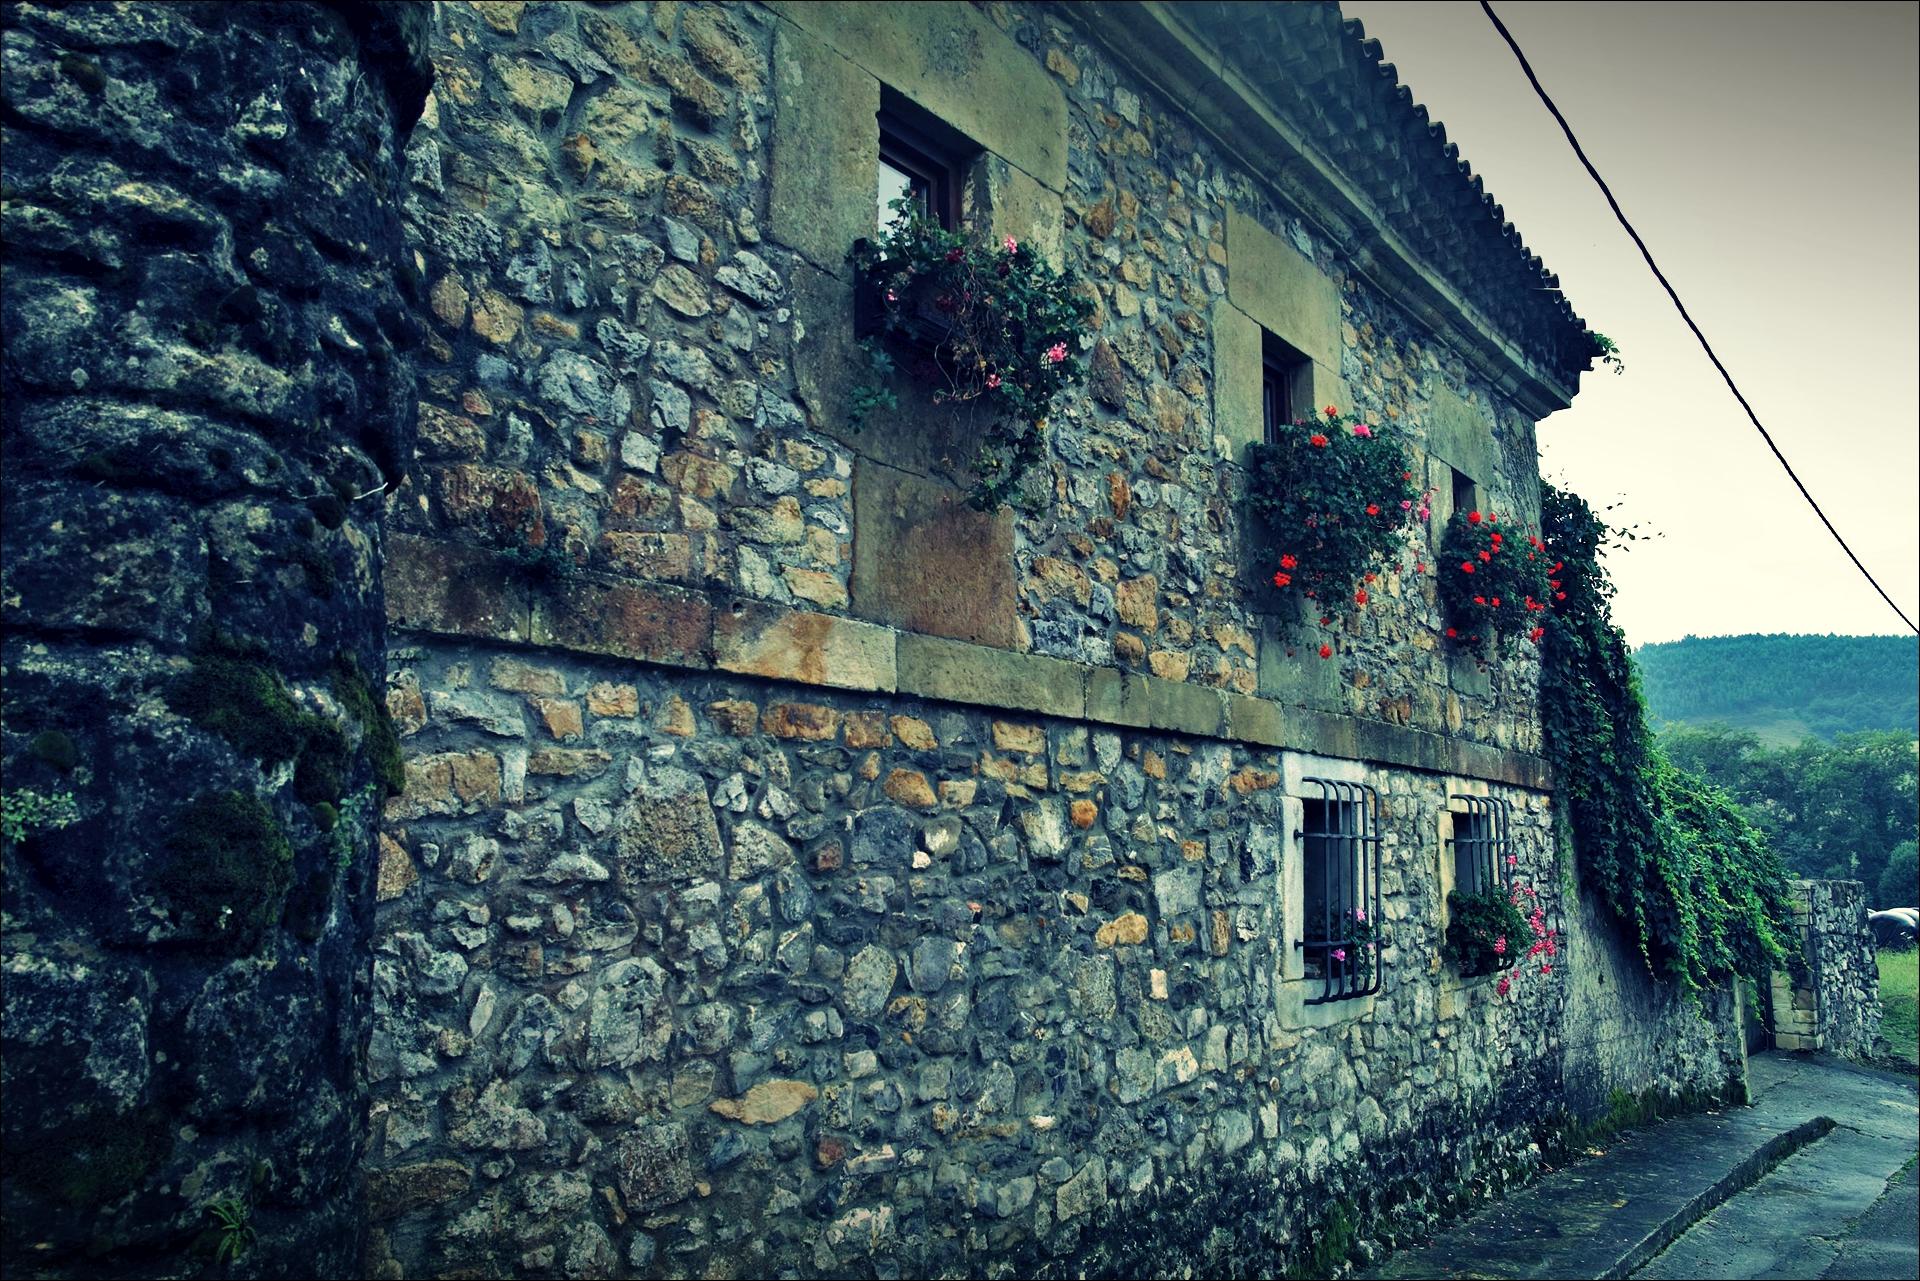 돌집-'카미노 데 산티아고 북쪽길. 노하에서 궤메스. (Camino del Norte - Noja to Güemes)'